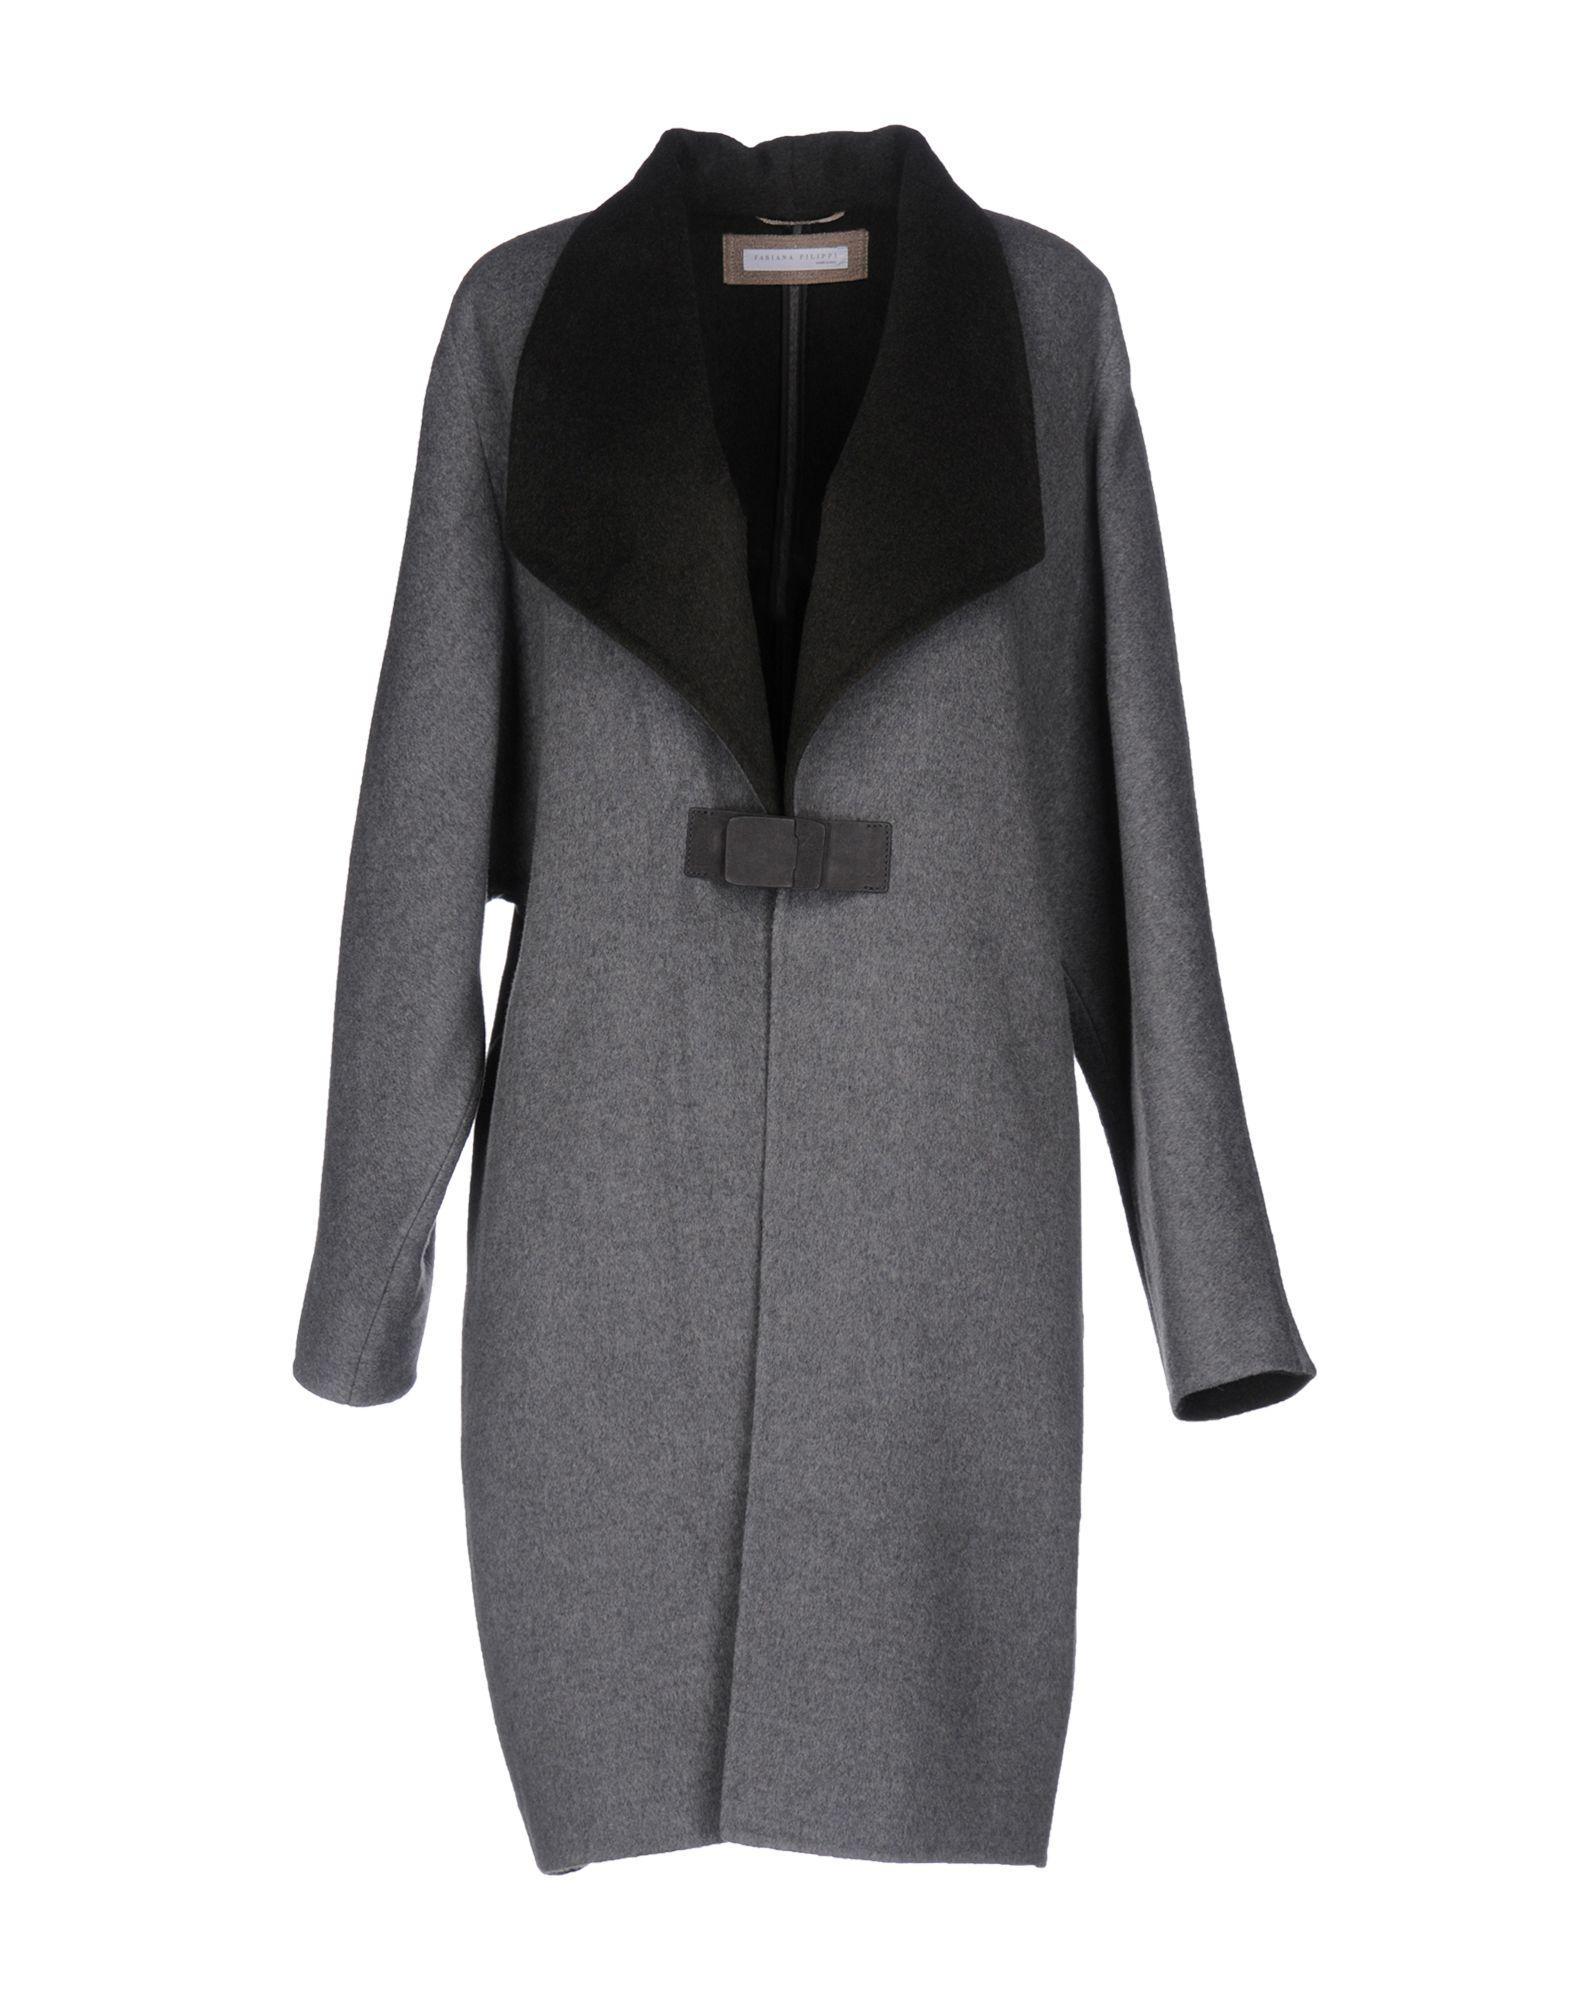 Fabiana Filippi Coats In Grey